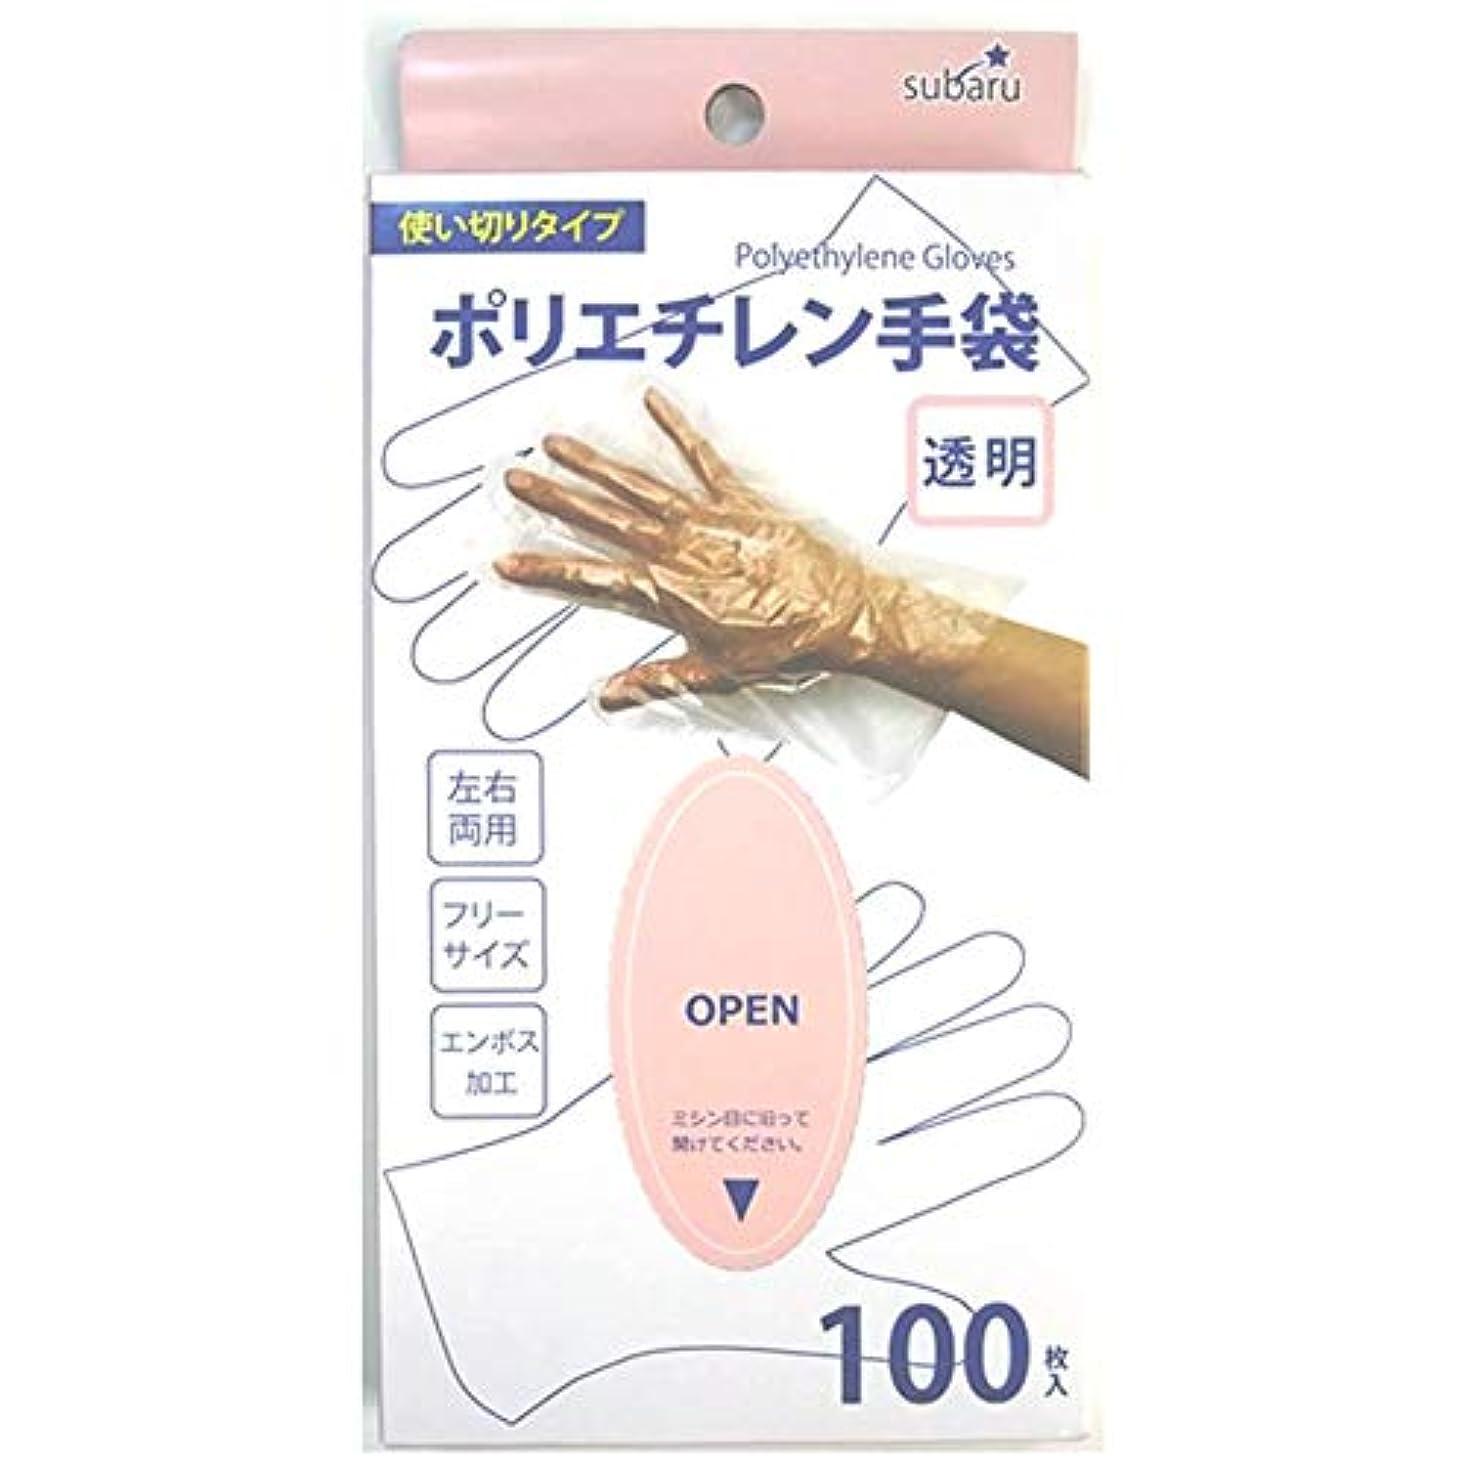 ファンド悪意のあるバンクポリエチレン手袋 透明100枚入 227-29【まとめ買い12個セット】